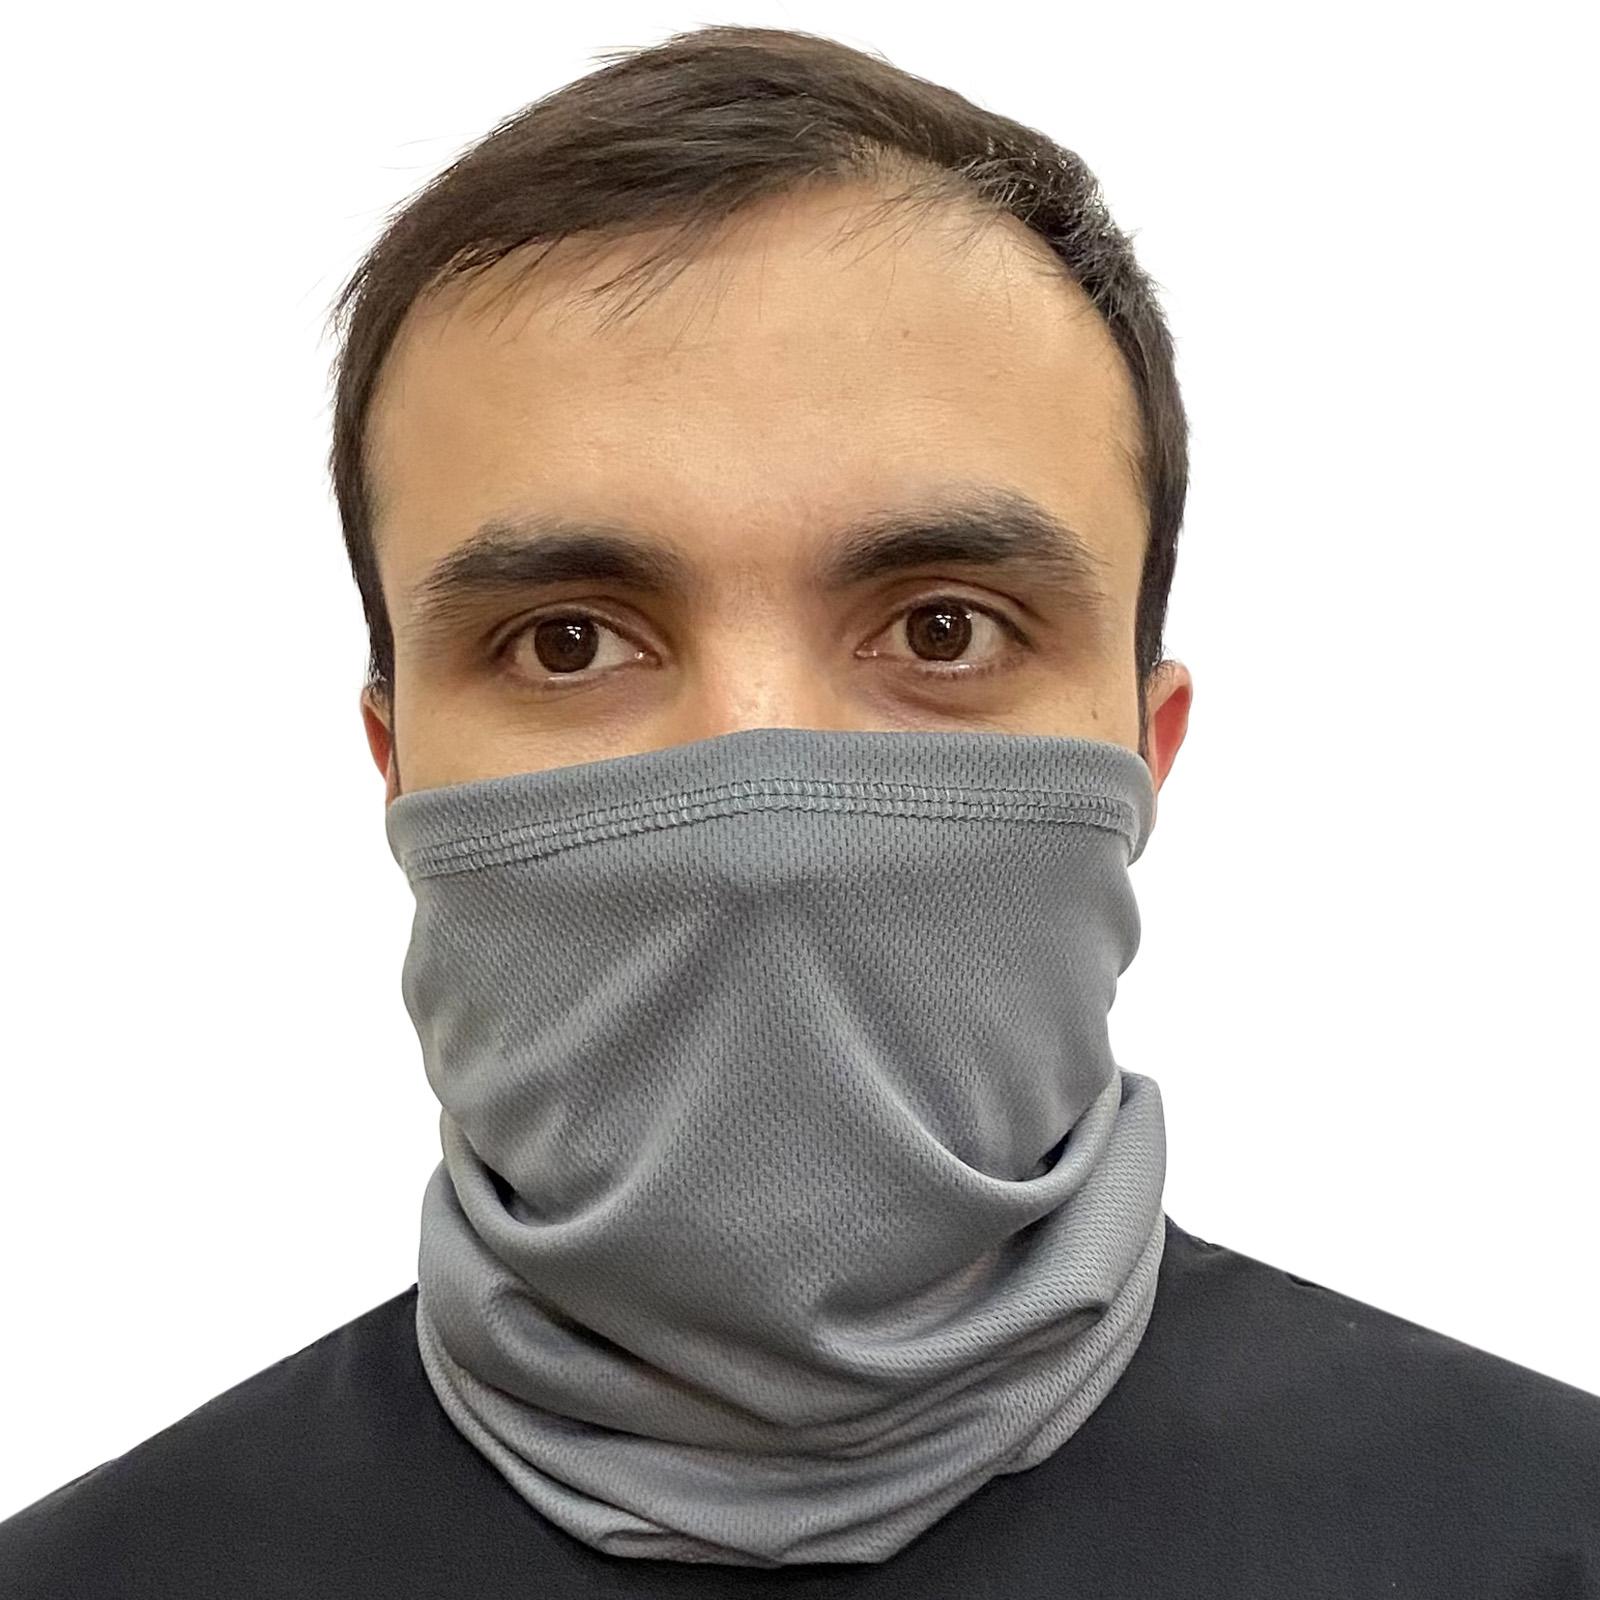 Купить в интернет магазине маску бафф